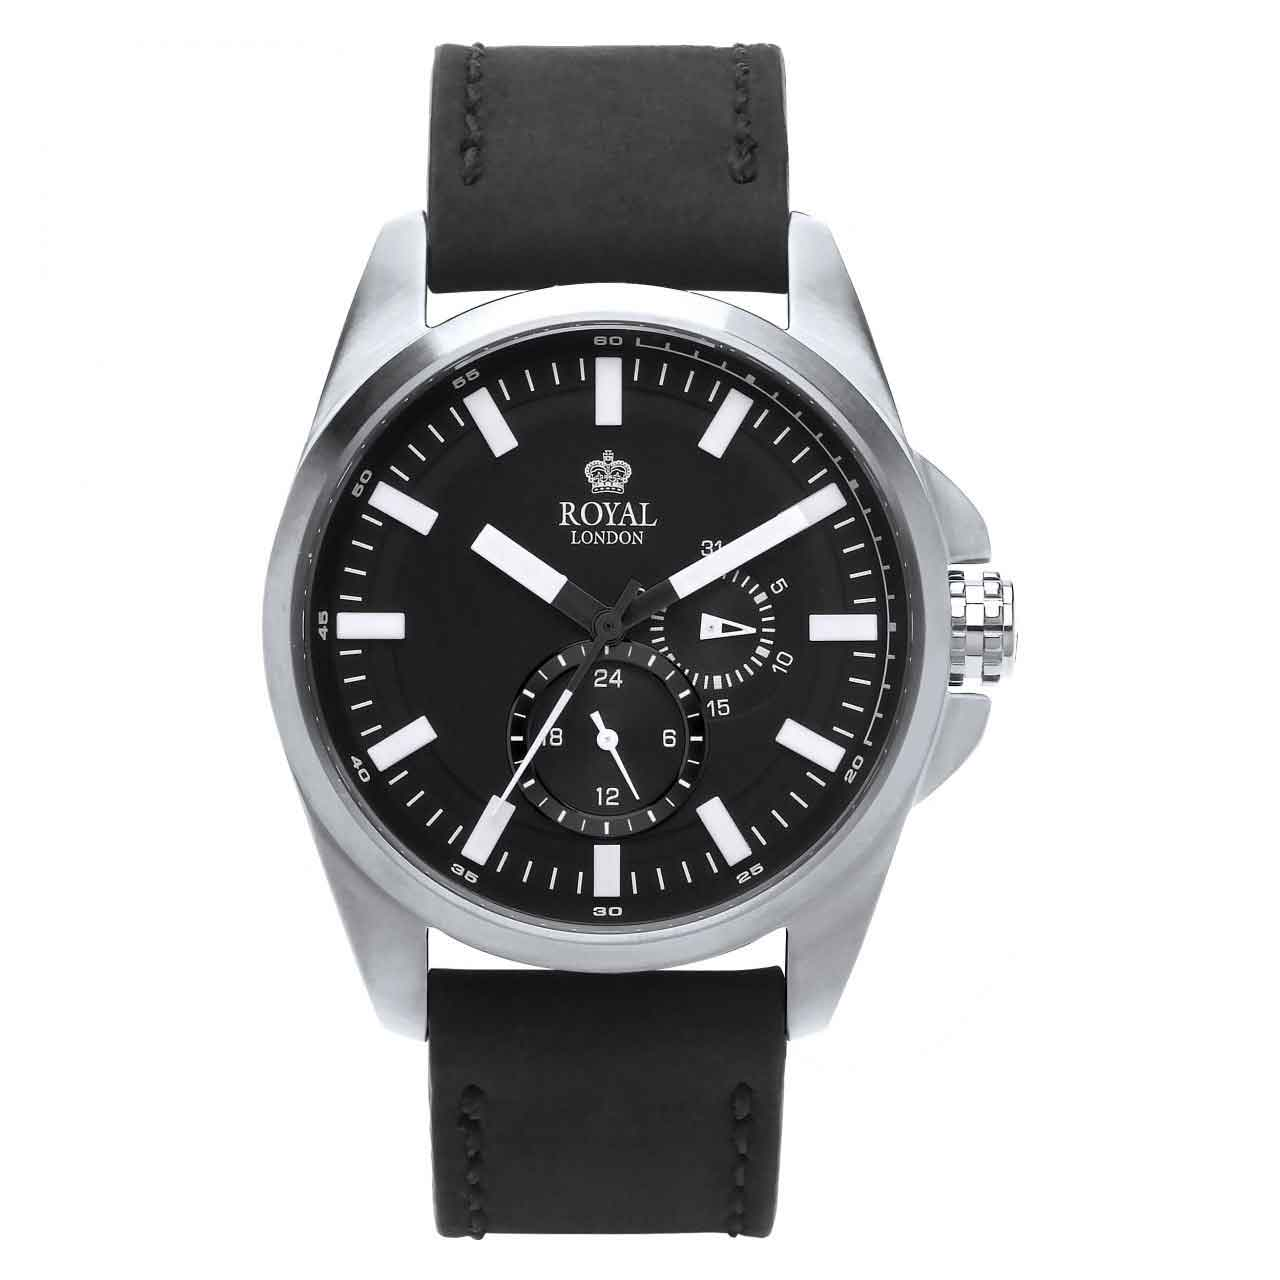 ساعت مچی عقربه ای مردانه رویال لندن مدل RL-41356-01 6